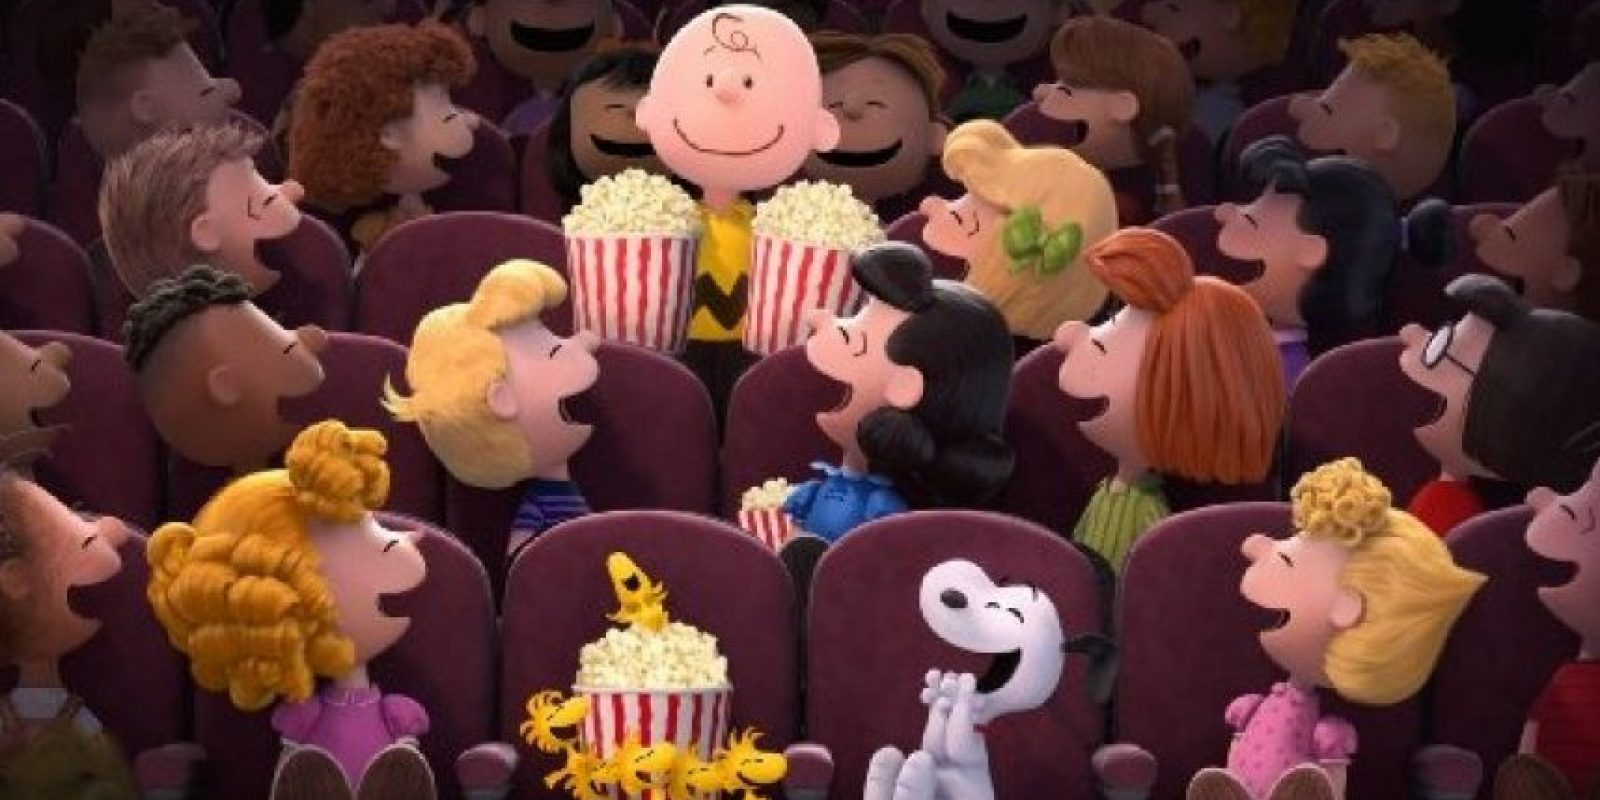 El estreno de la película tiene como objetivo celebrar los 65 años de la tira cómica Foto:IMDb